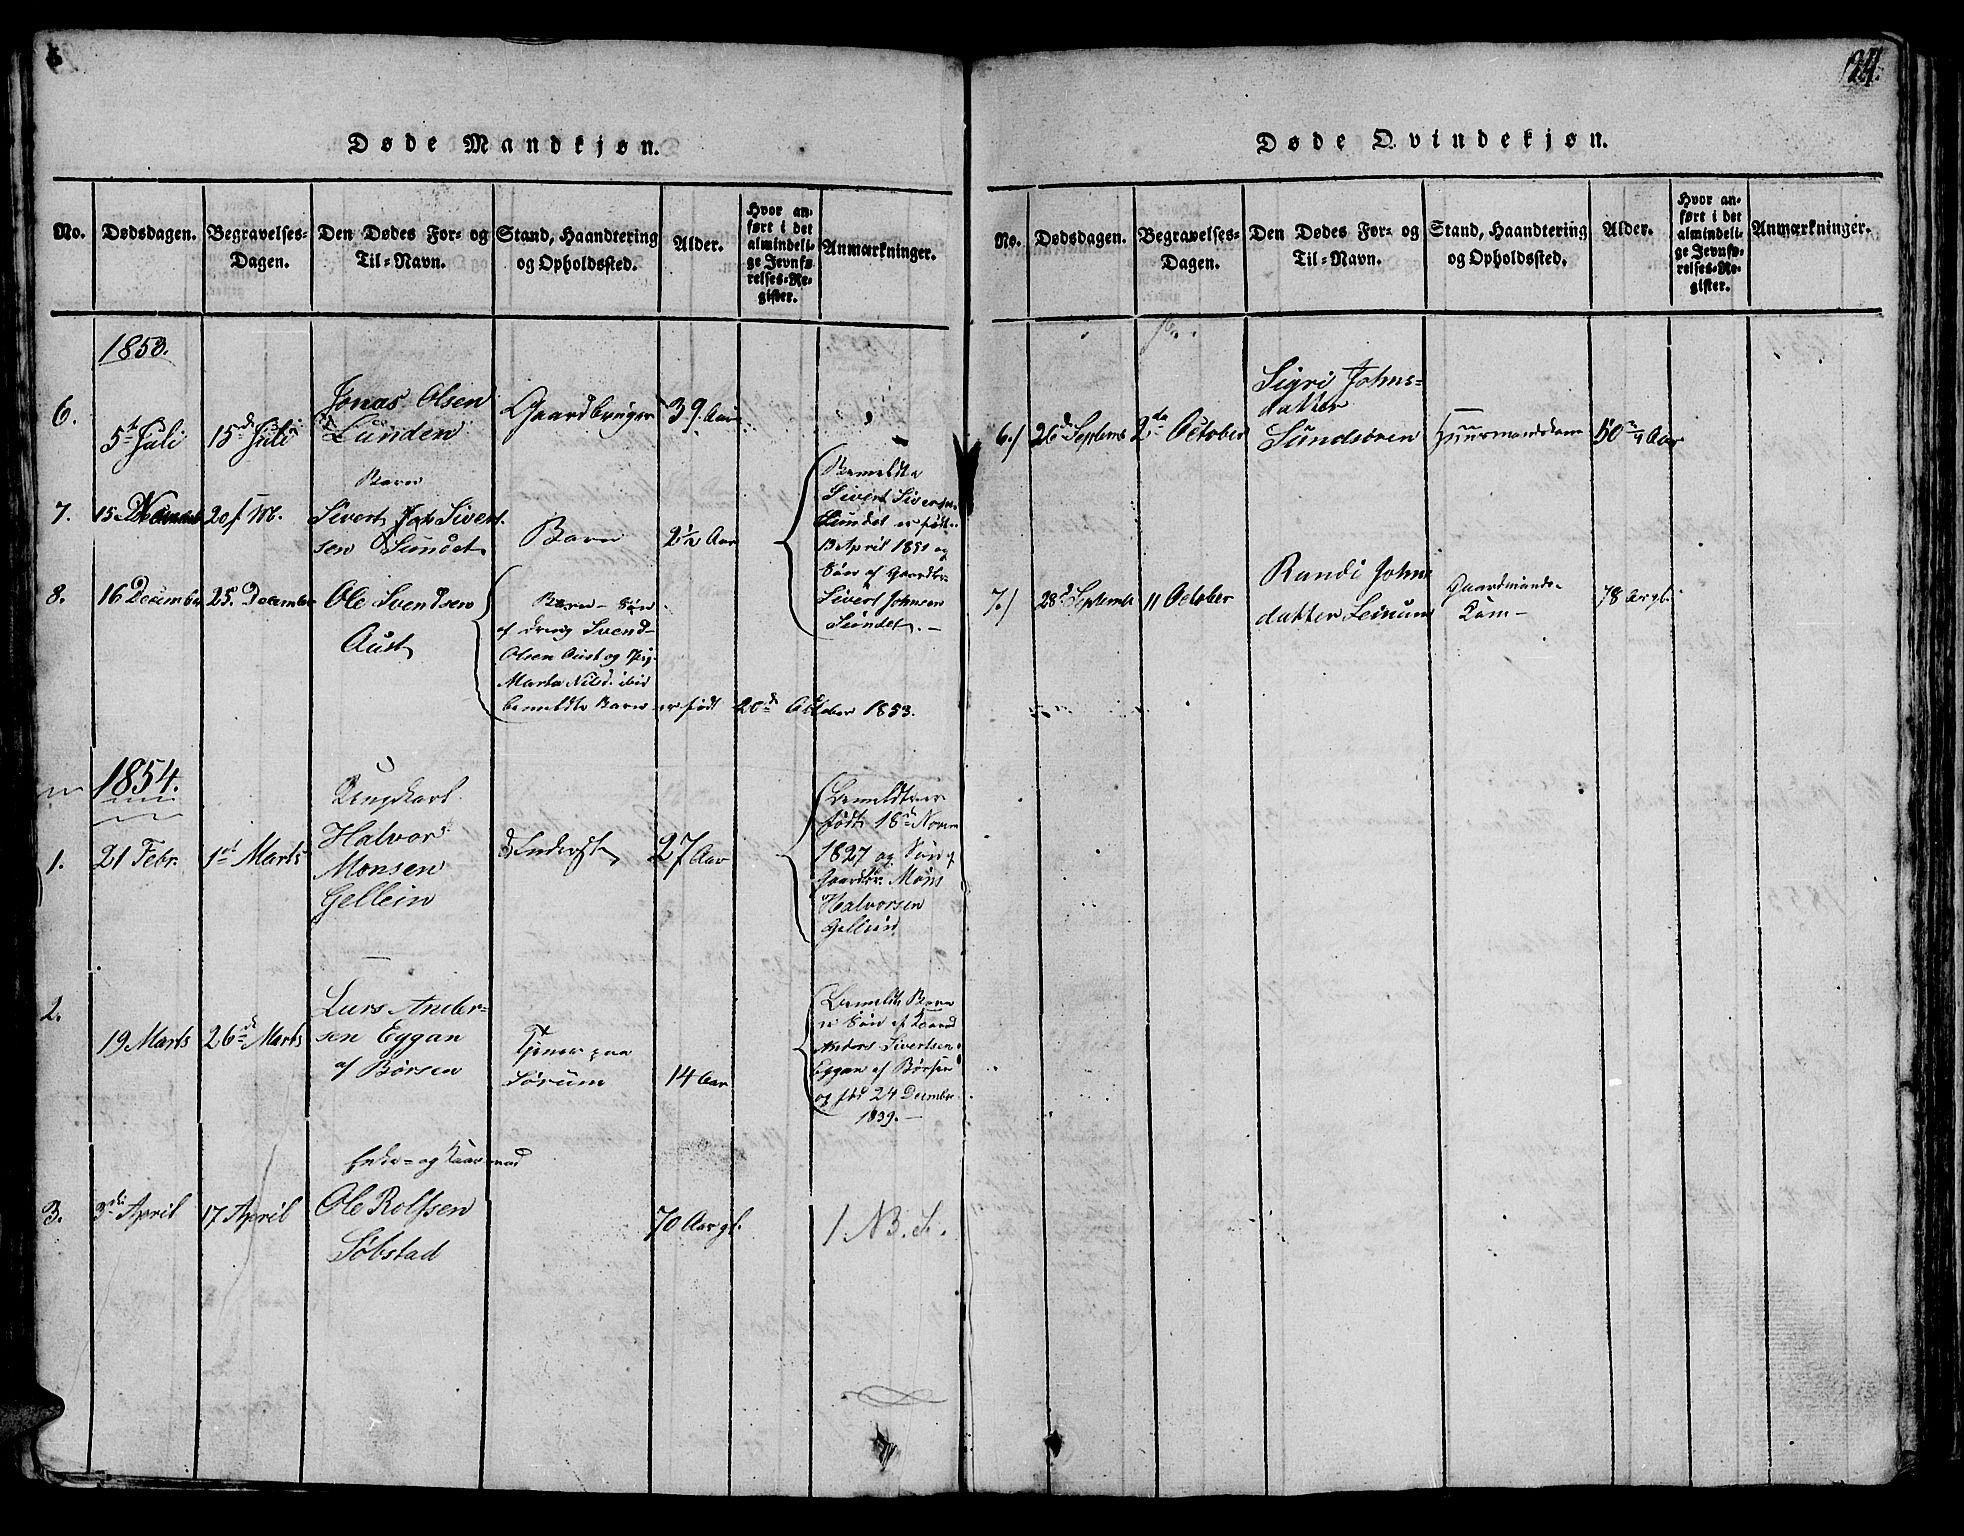 SAT, Ministerialprotokoller, klokkerbøker og fødselsregistre - Sør-Trøndelag, 613/L0393: Klokkerbok nr. 613C01, 1816-1886, s. 124